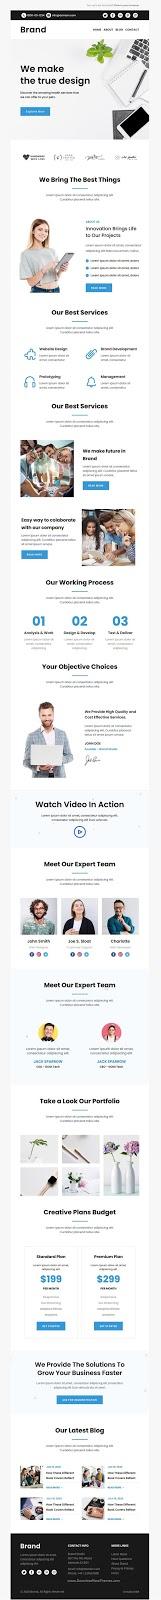 Multipurpose Responsive Email Template